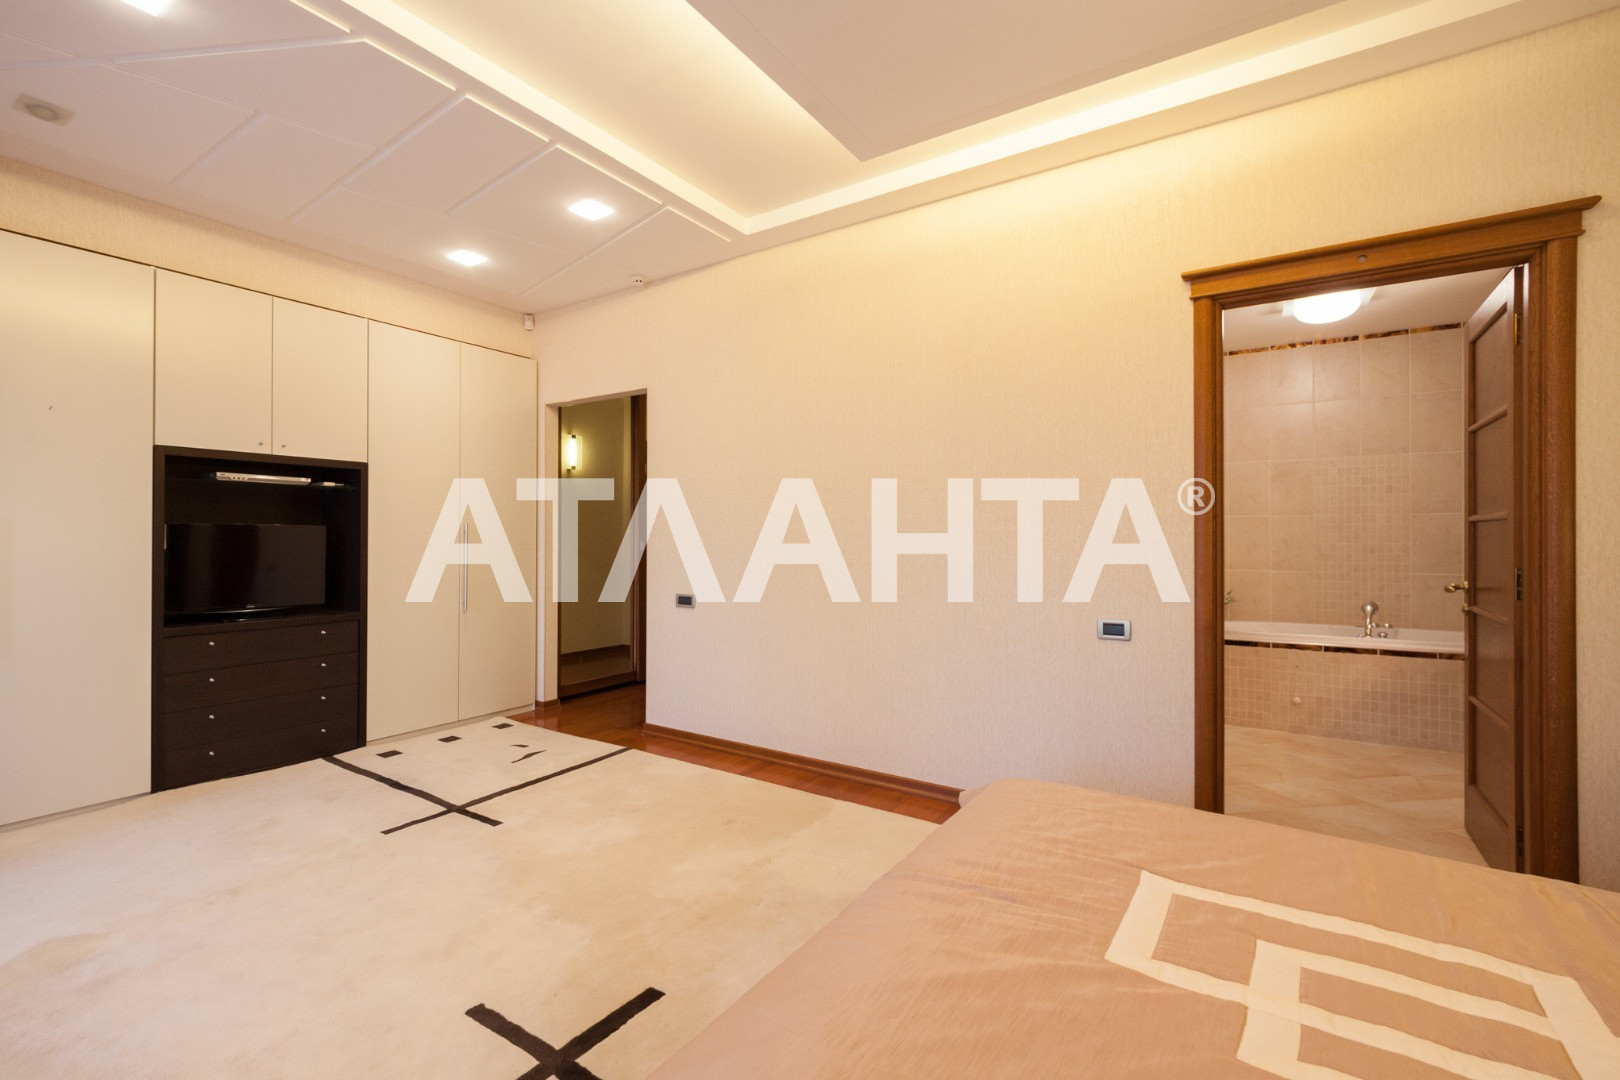 Продается 3-комнатная Квартира на ул. Педагогический Пер. — 195 000 у.е. (фото №9)